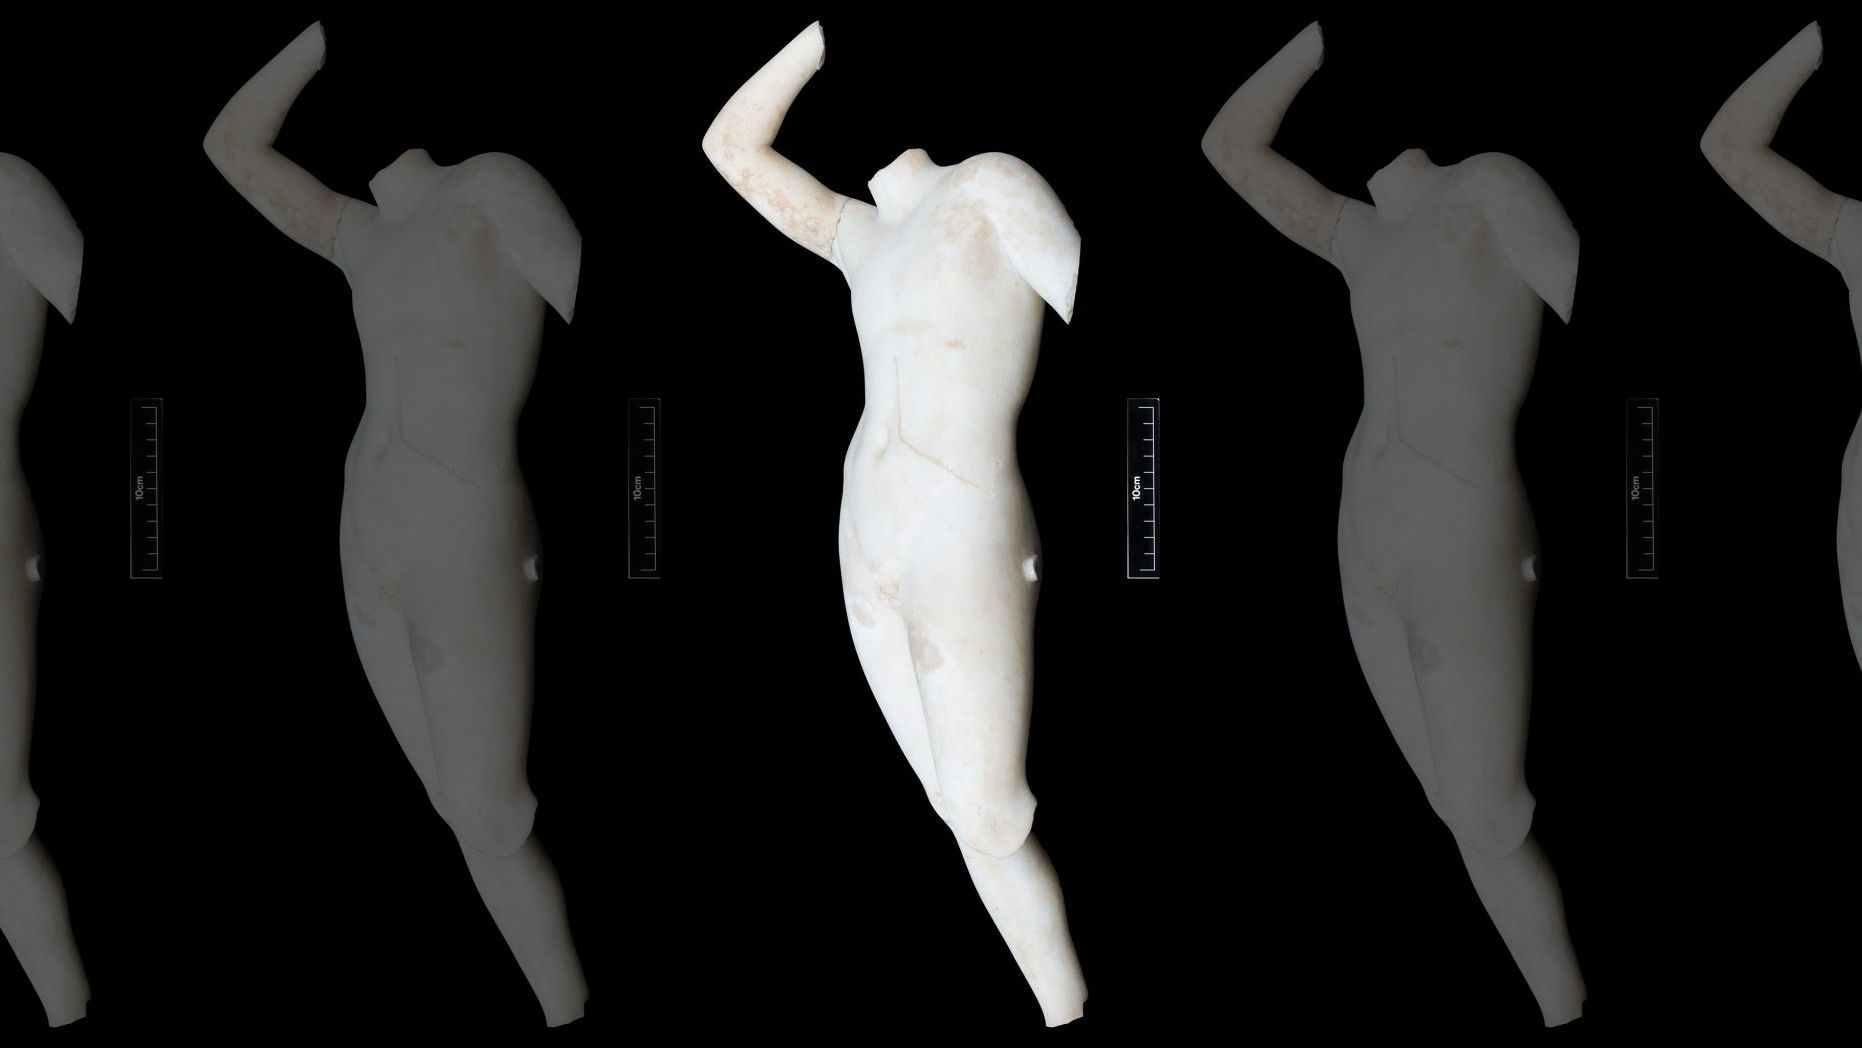 persephone statue